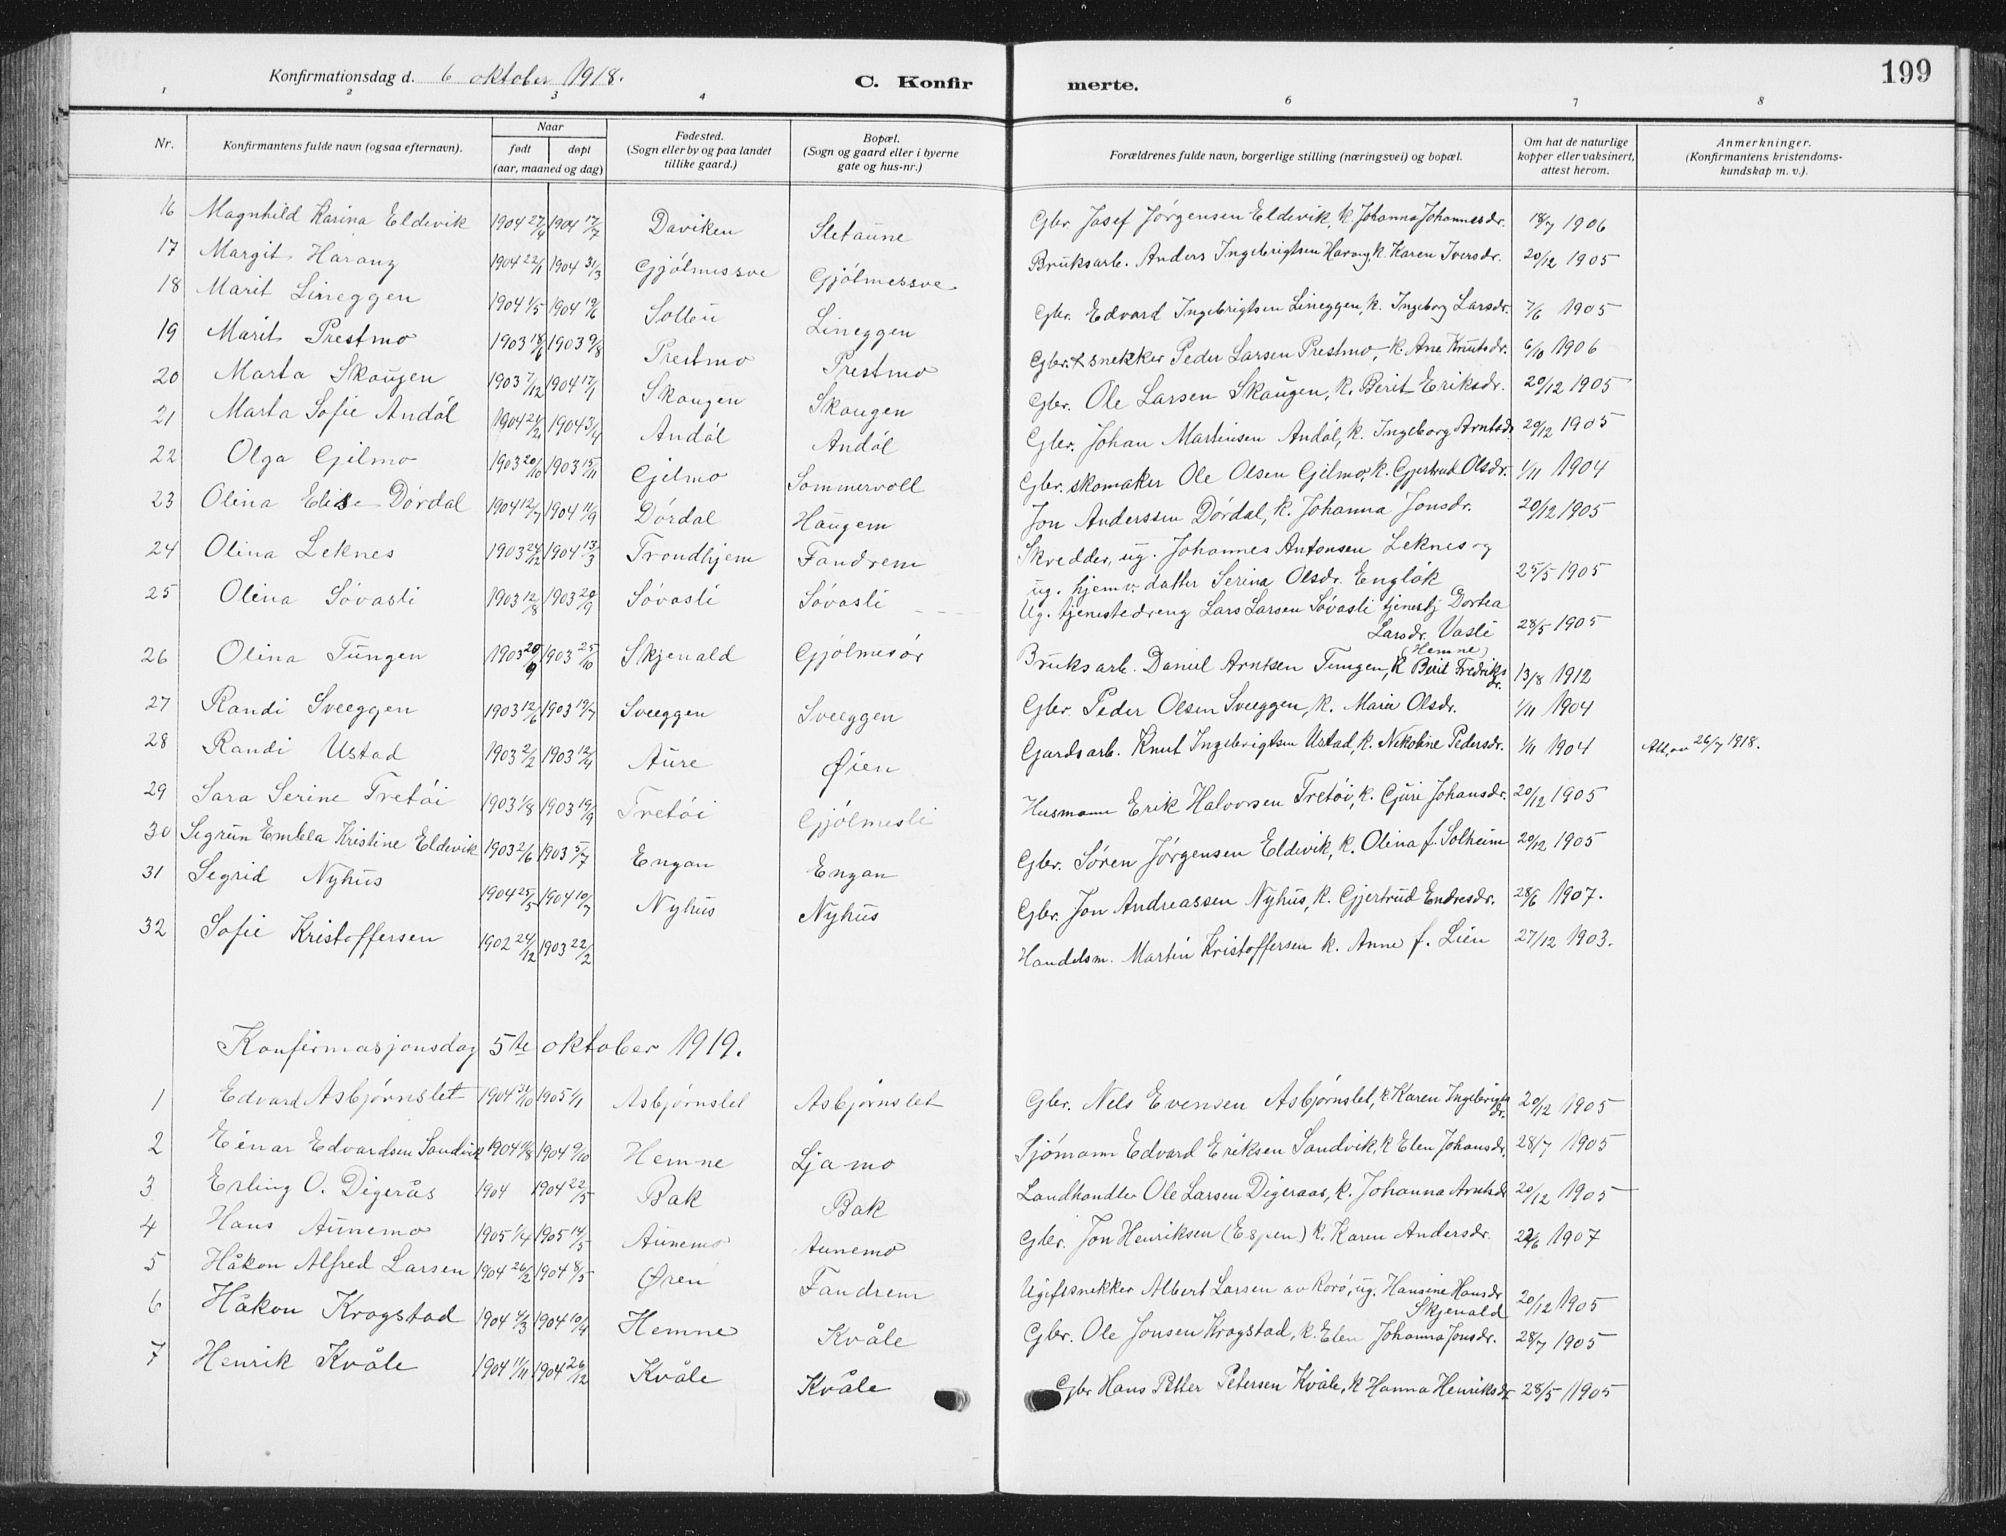 SAT, Ministerialprotokoller, klokkerbøker og fødselsregistre - Sør-Trøndelag, 668/L0820: Klokkerbok nr. 668C09, 1912-1936, s. 199